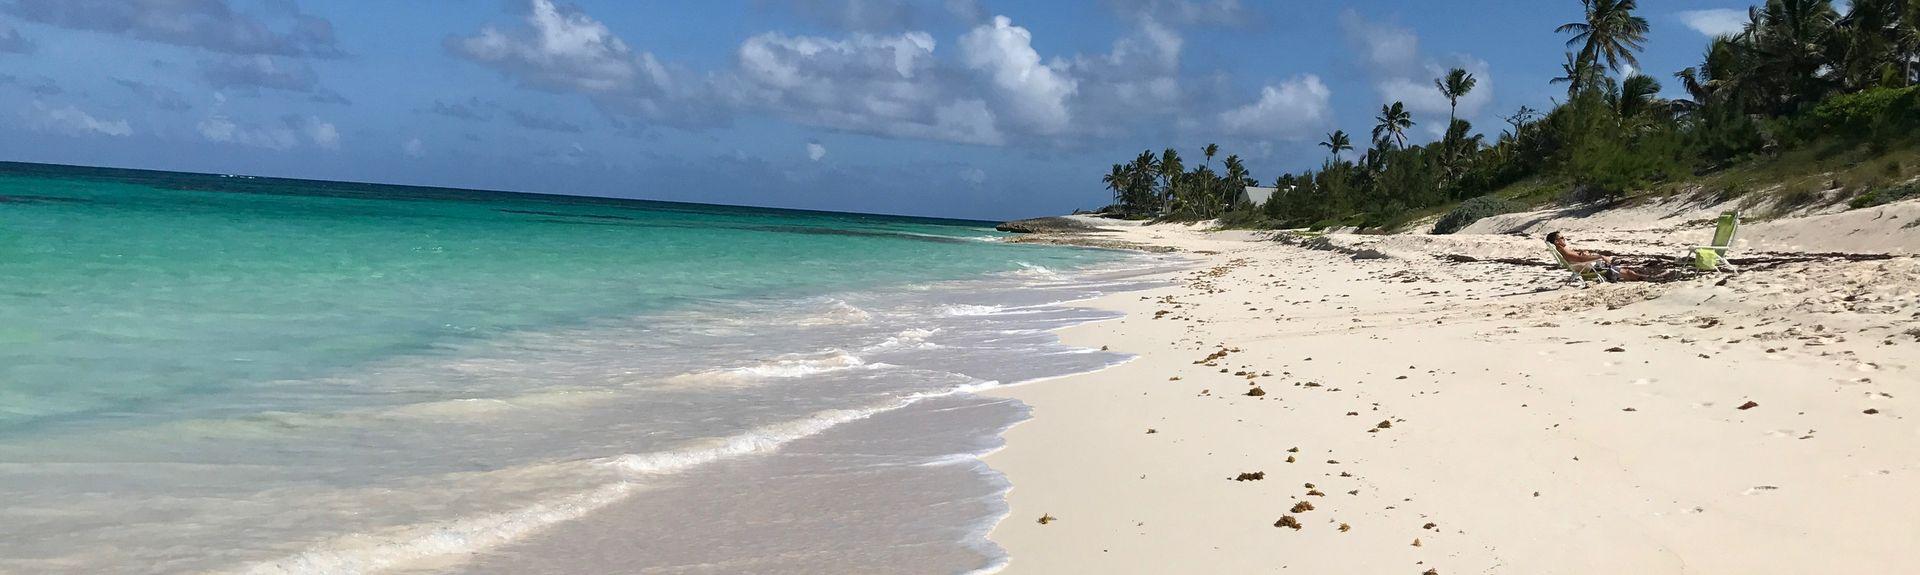 Tilloo Cay, Bahamas